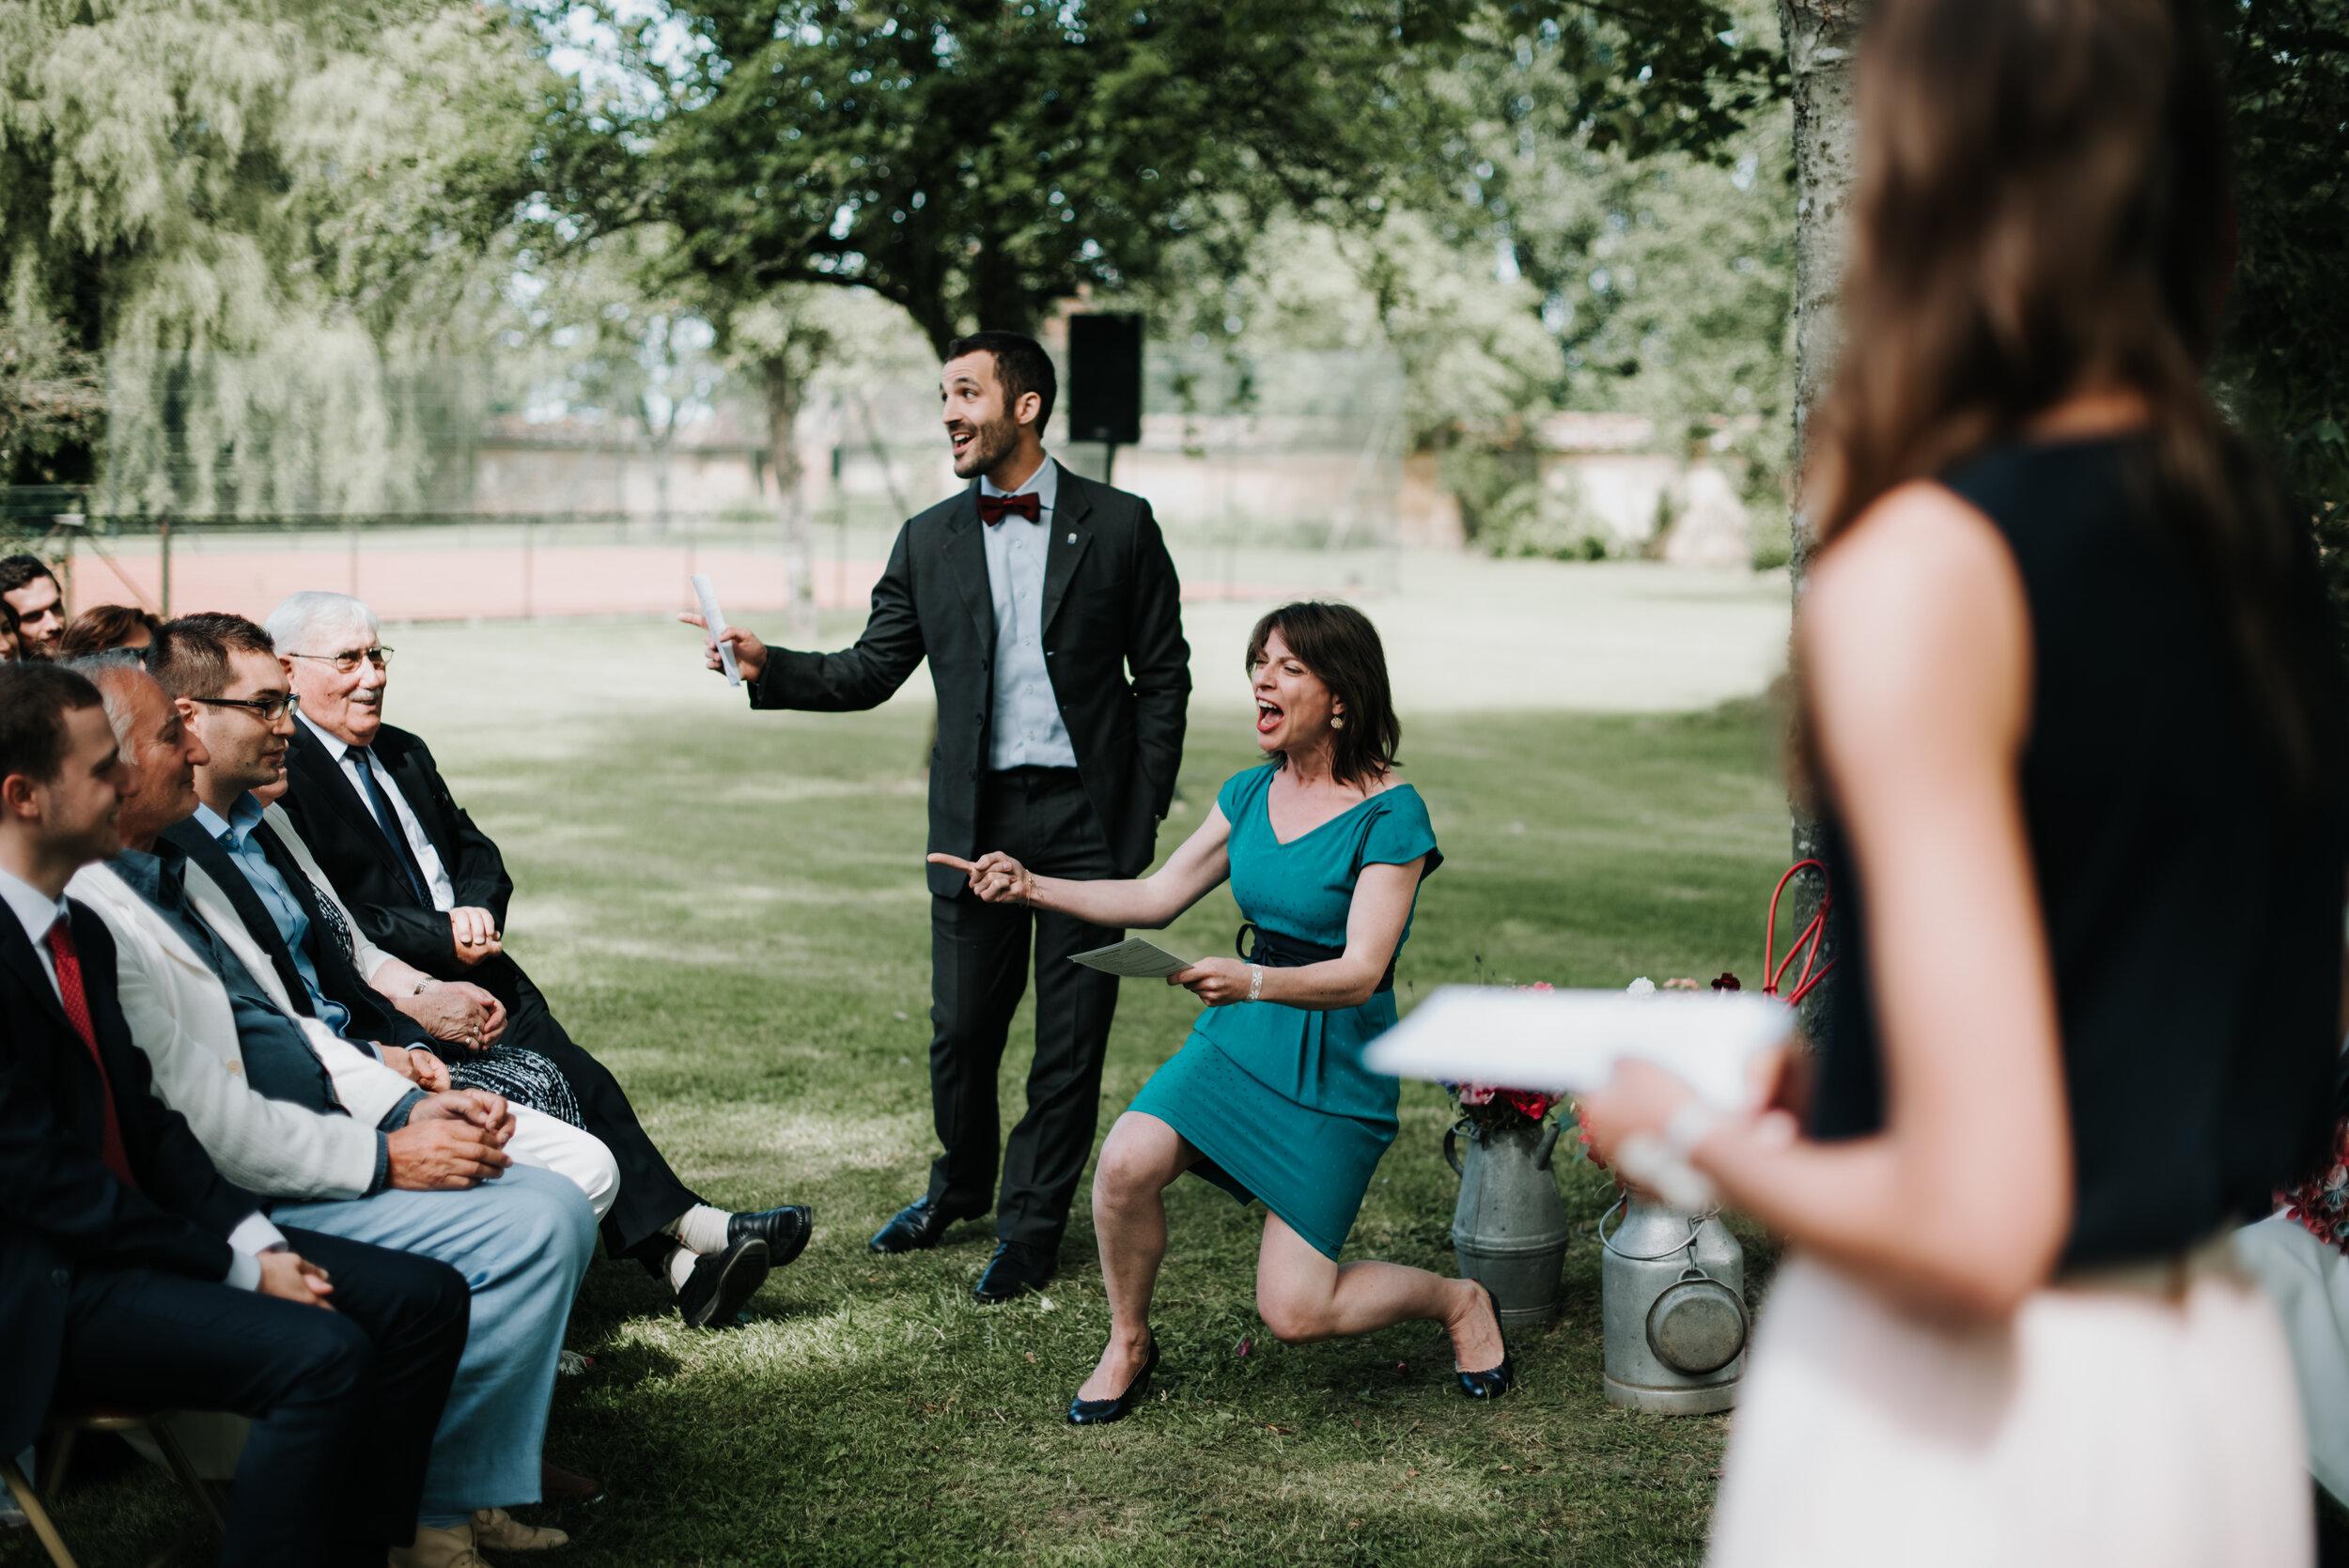 Léa-Fery-photographe-professionnel-Bretagne-portrait-creation-mariage-evenement-evenementiel-famille-5556.jpg